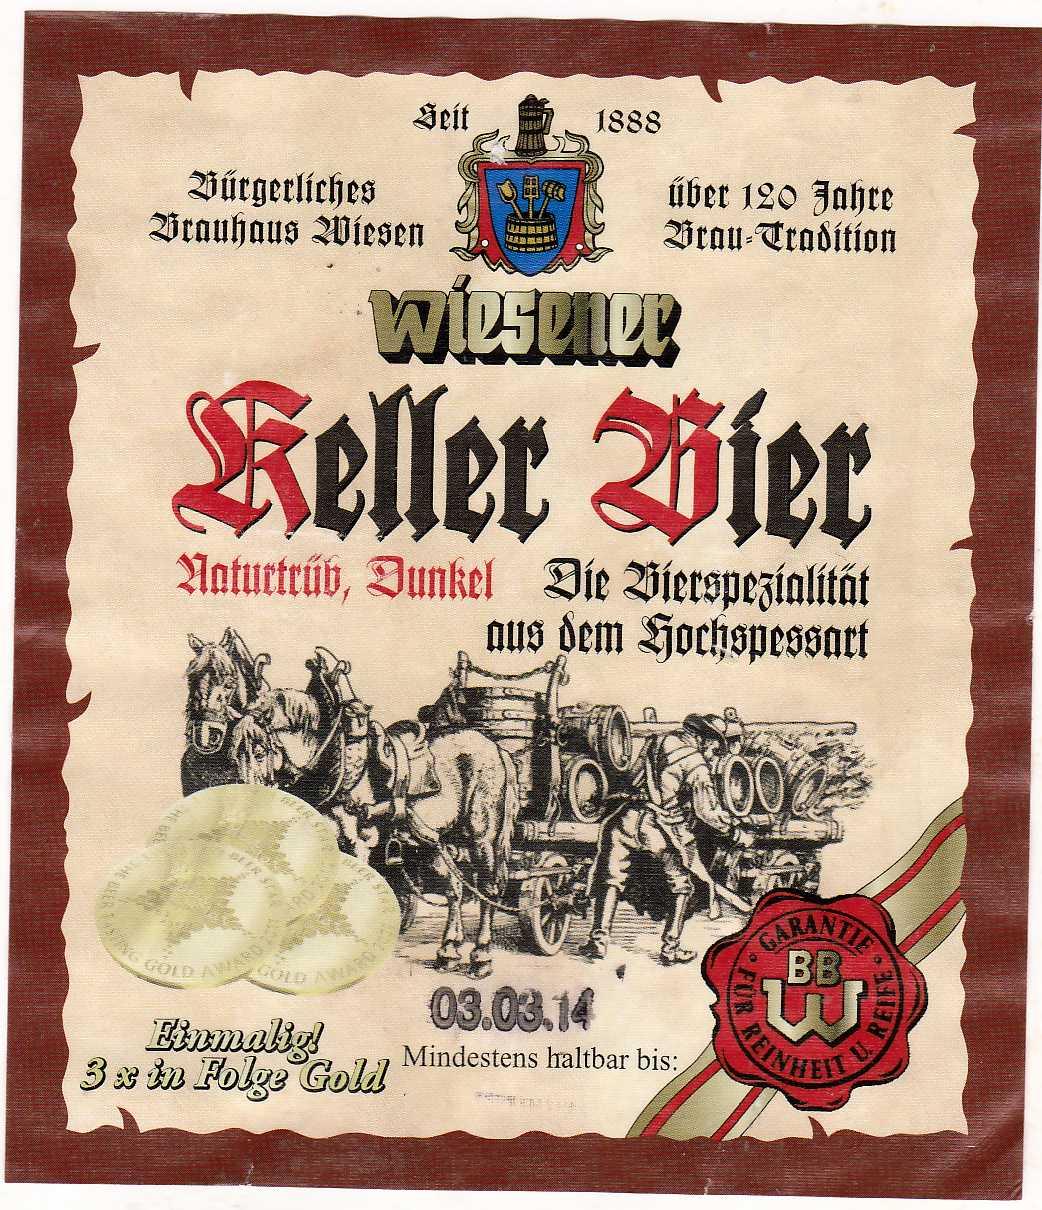 wiesener-keller-bier-1